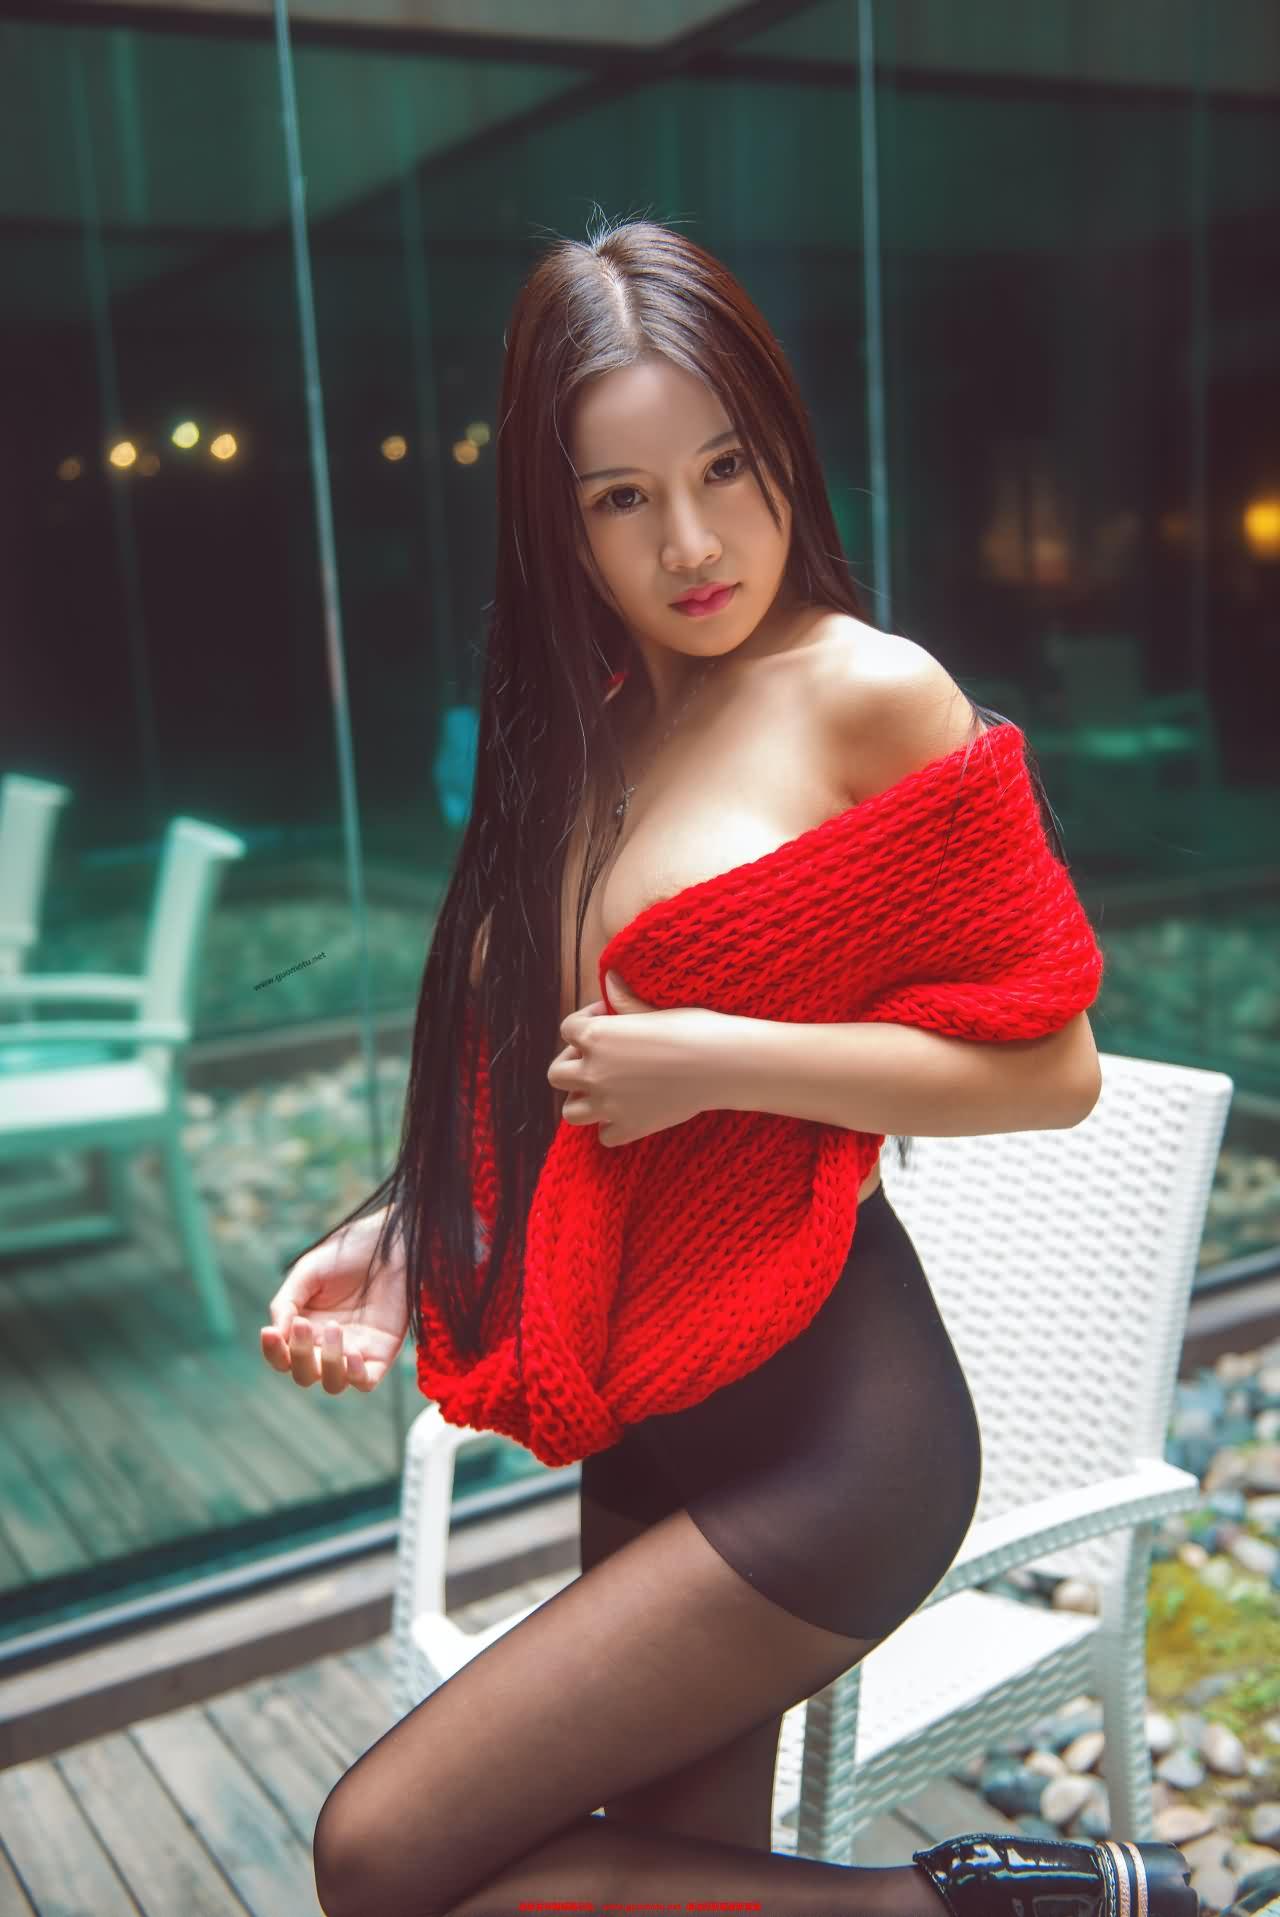 6eb642515e20180701011991 - 秀人网模特极品模特木奈奈/尔兰精修 119P